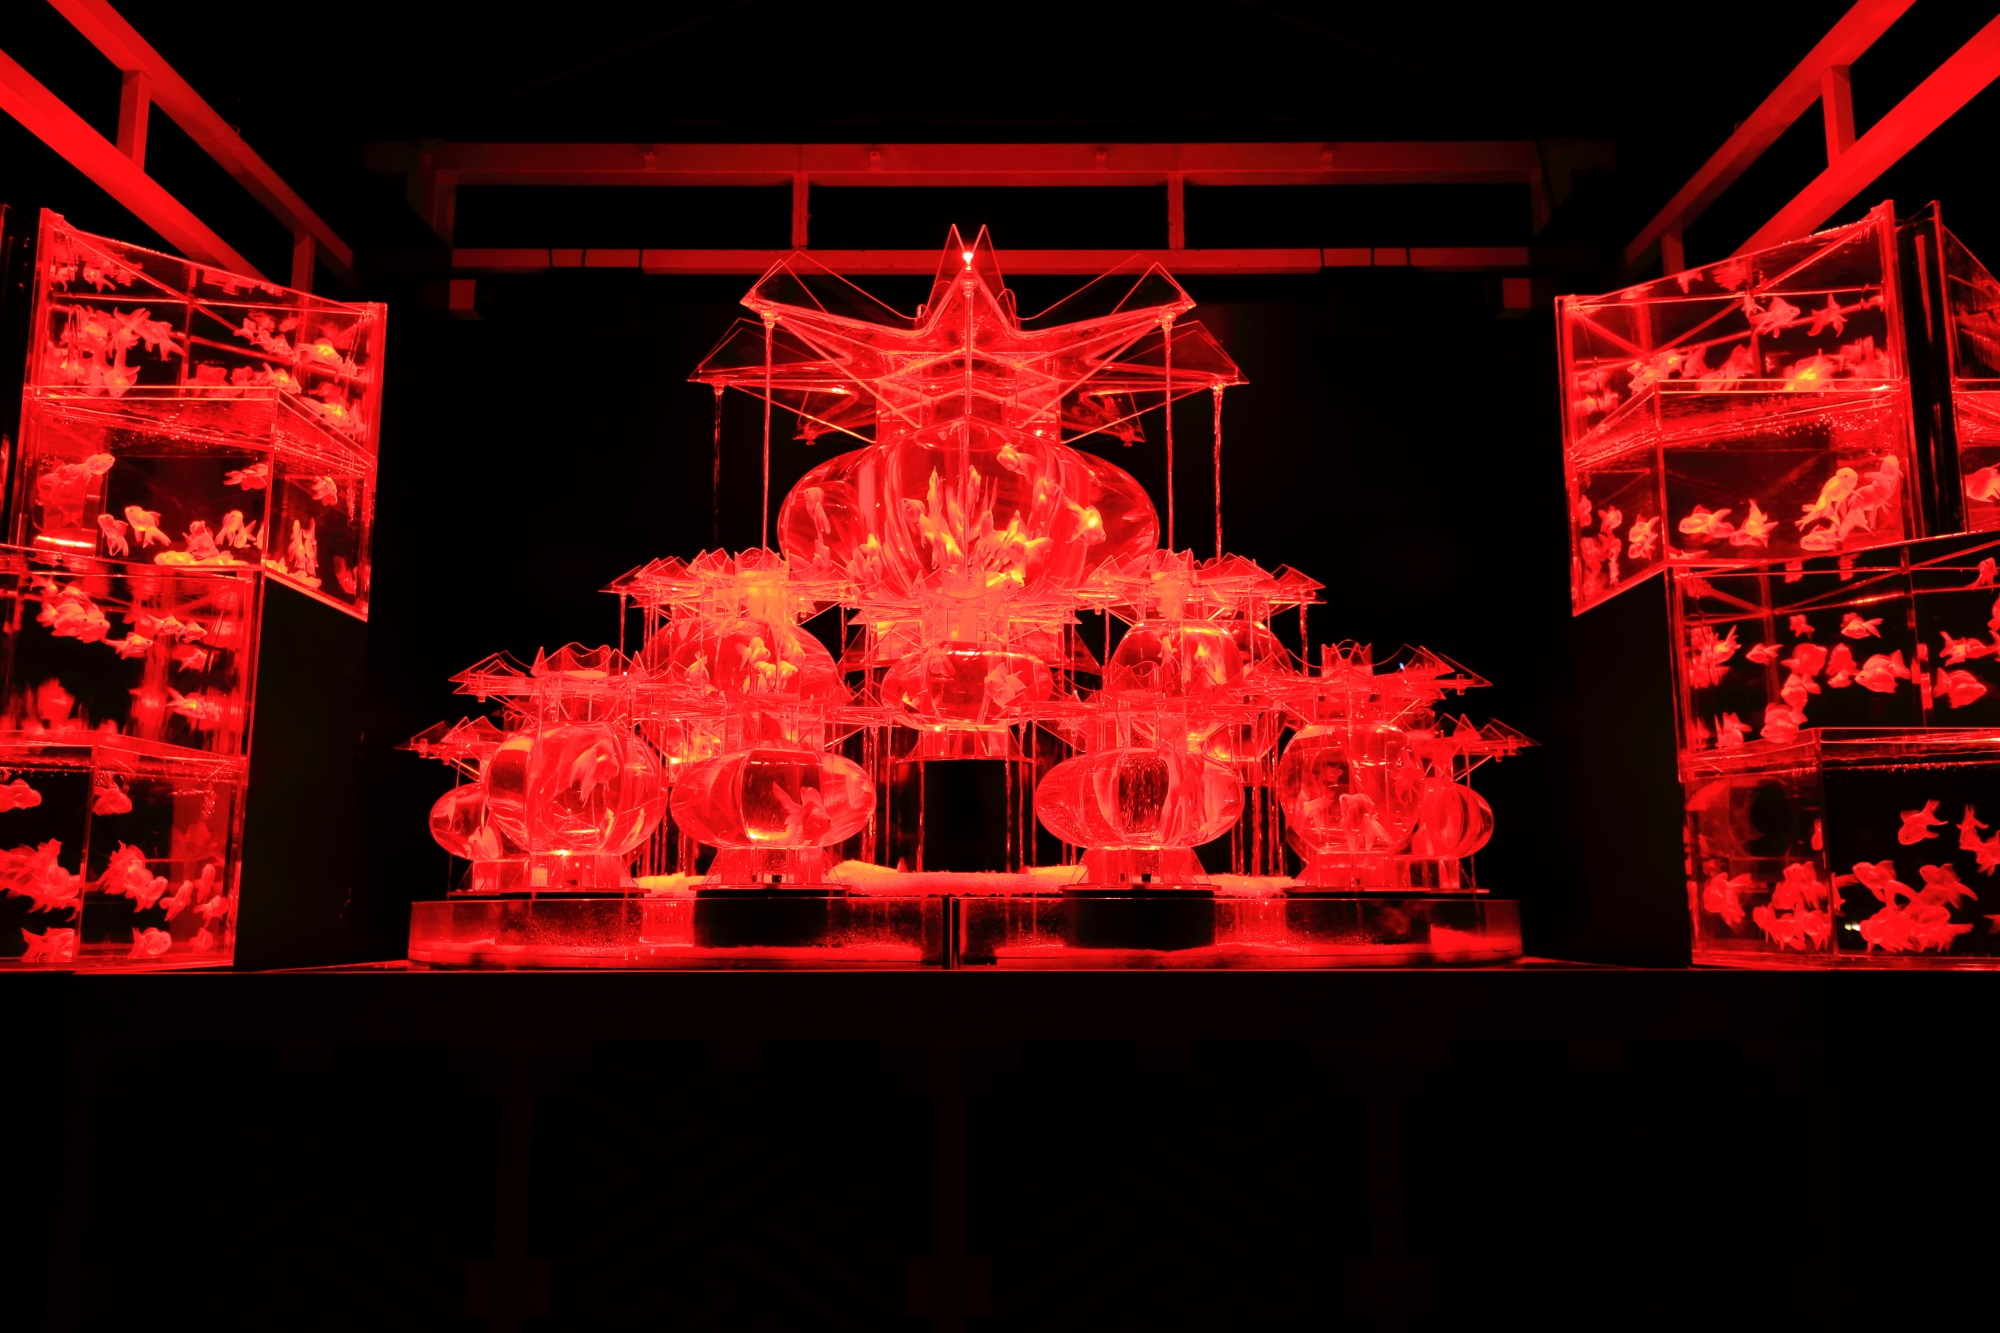 大奥 幻想的 金魚の舞 アートアクアリウム城 二条城